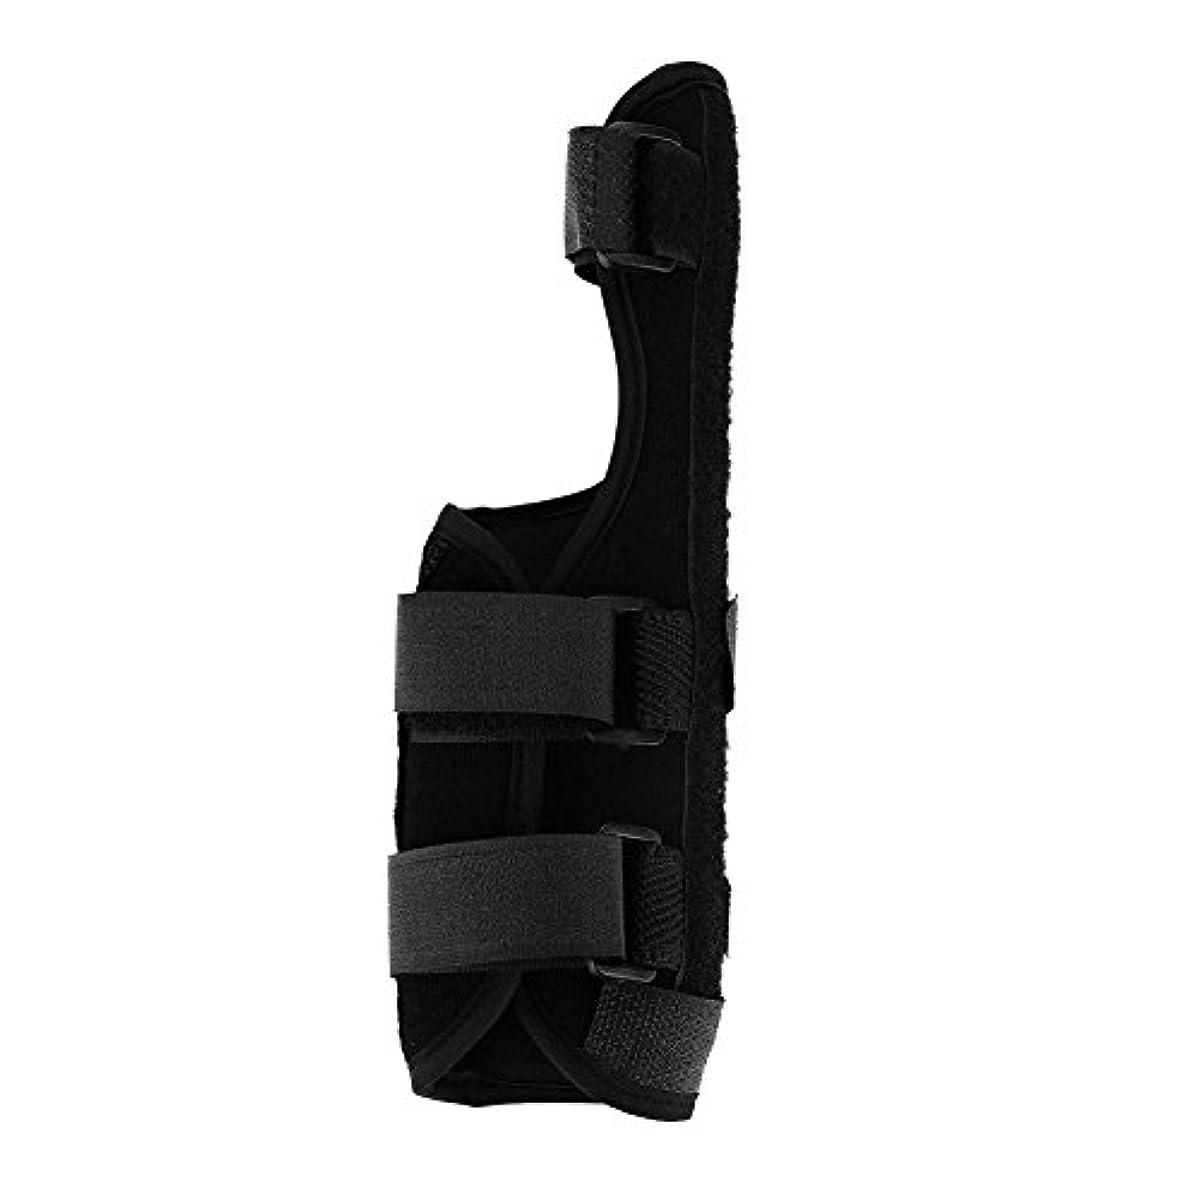 機械的に夕暮れ脊椎高度な手首ブレース - 手根管手首副子。手根管症候群、手首の痛み、捻挫、RSI、関節炎の即時鎮痛に最適(IzquierdaL)